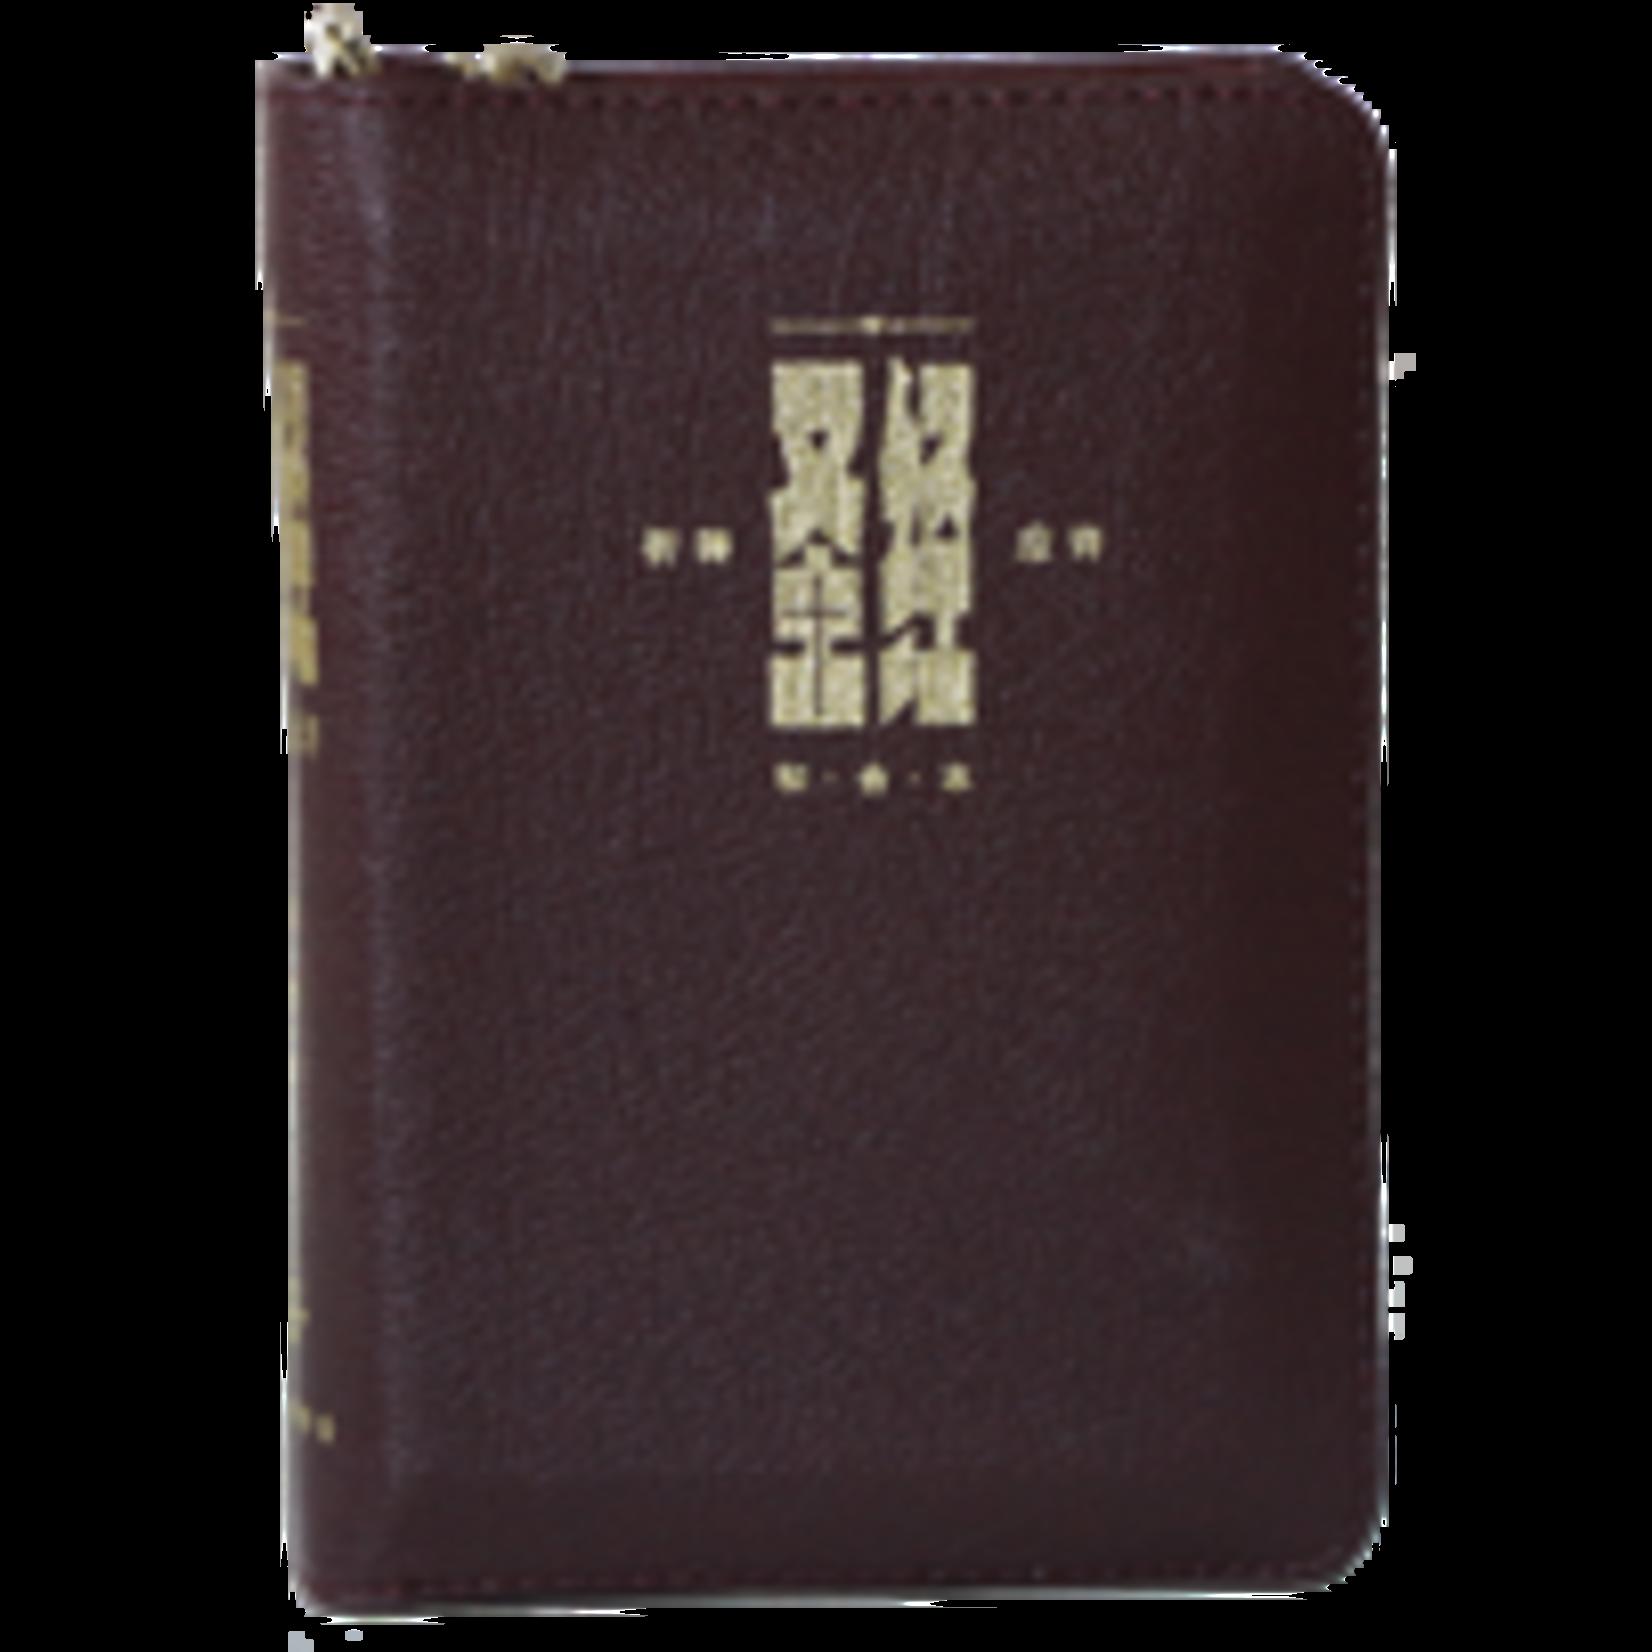 漢語聖經協會 Chinese Bible International 圣经.和合本.祈祷应许版.袖珍本.拇指版.红色仿皮面.金边.拉链